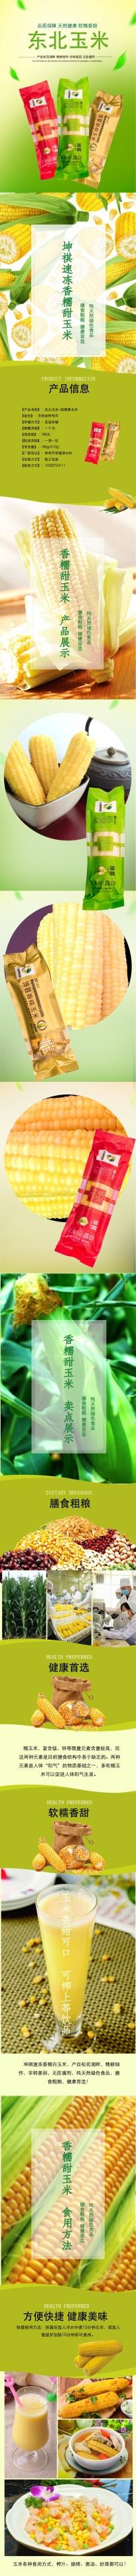 绿色健康香糯甜玉米电商详情图